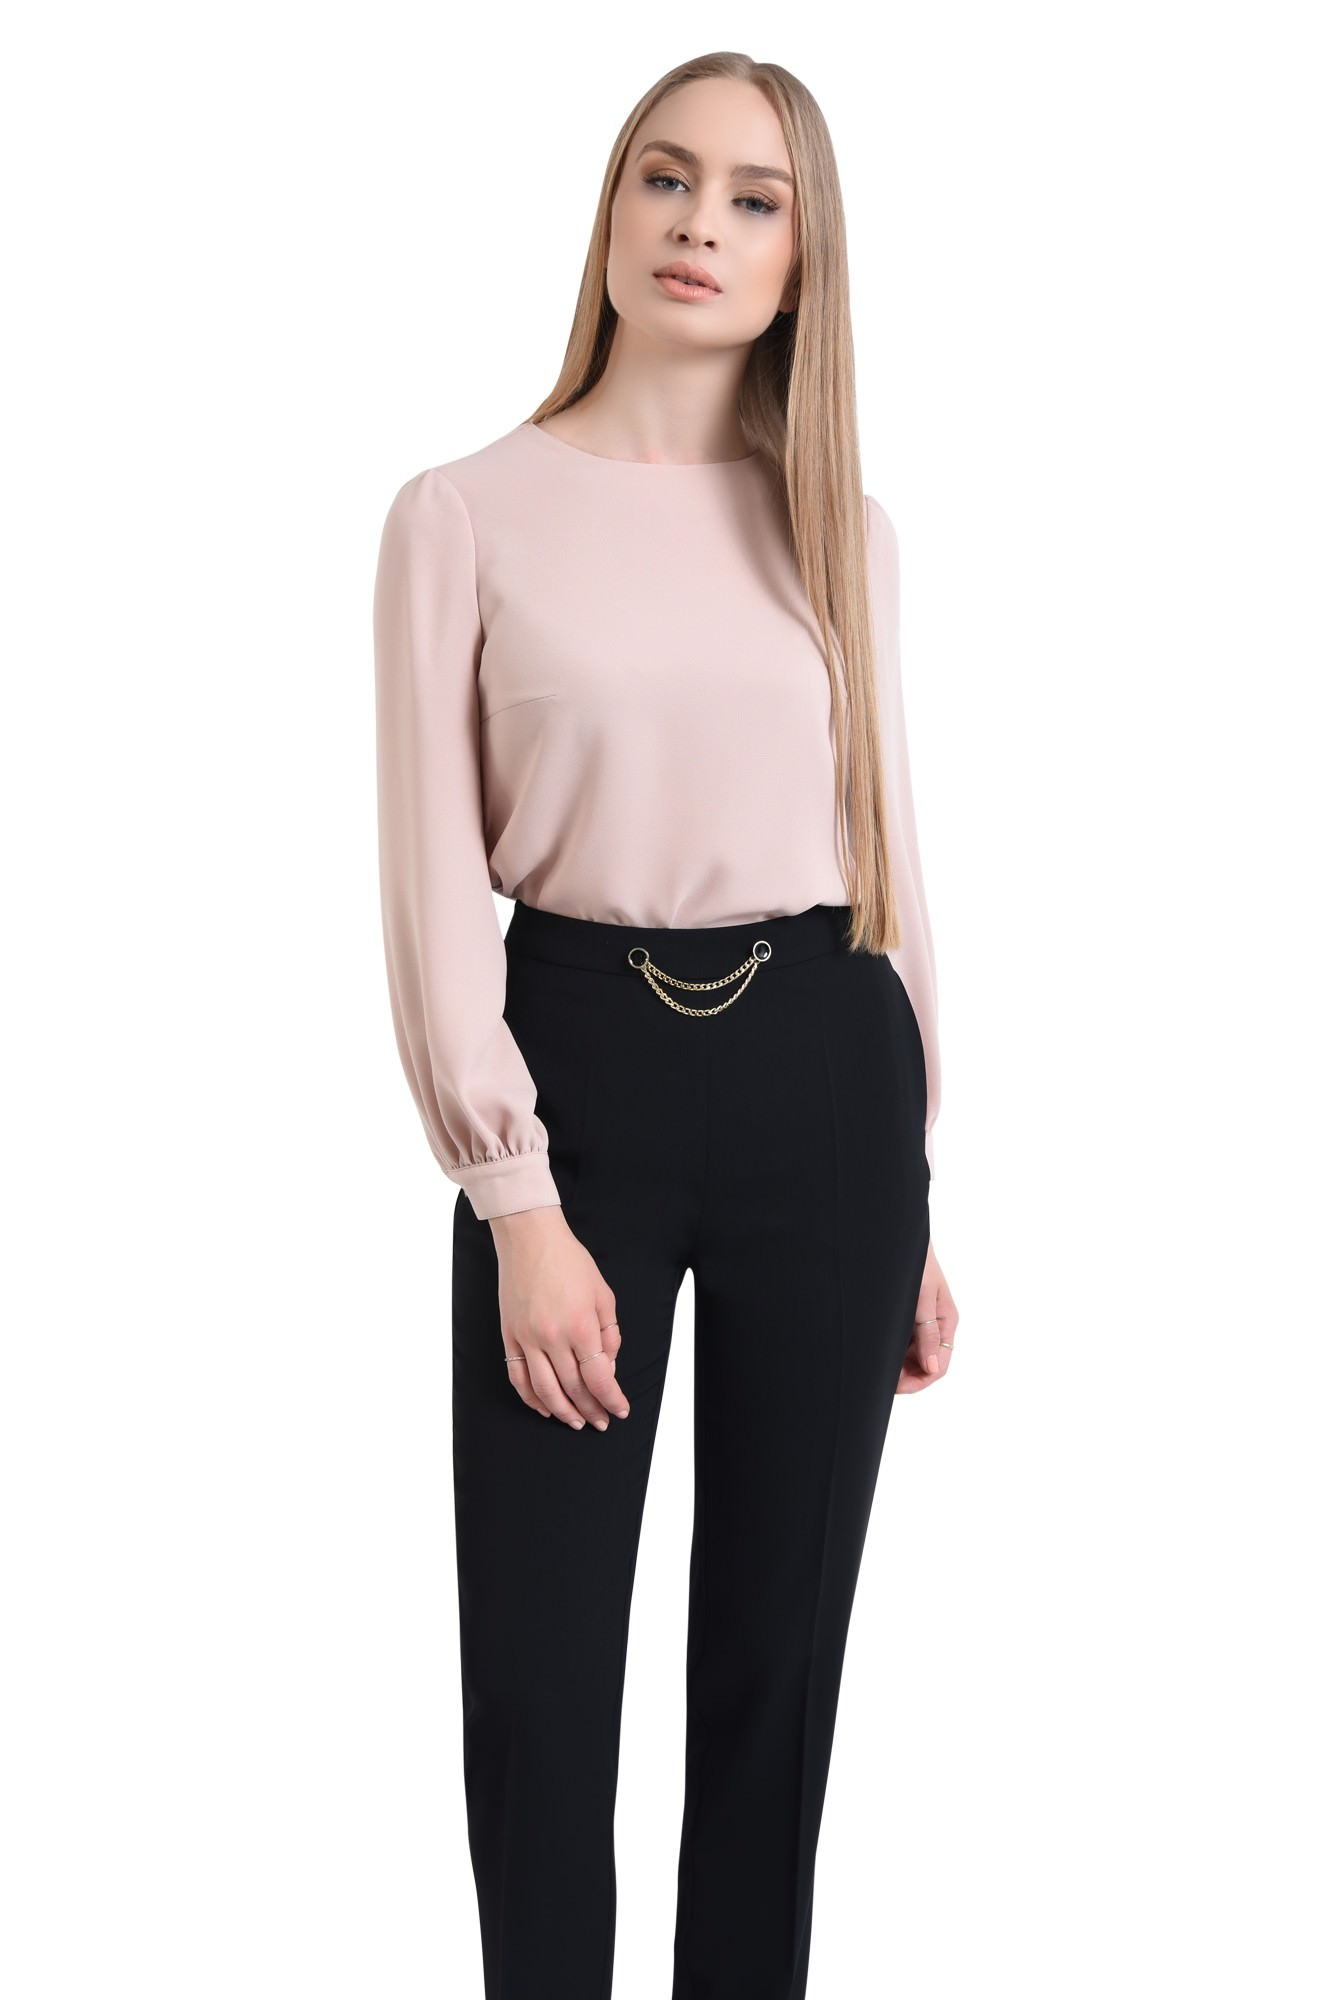 0 - Pantaloni eleganti, croi conic